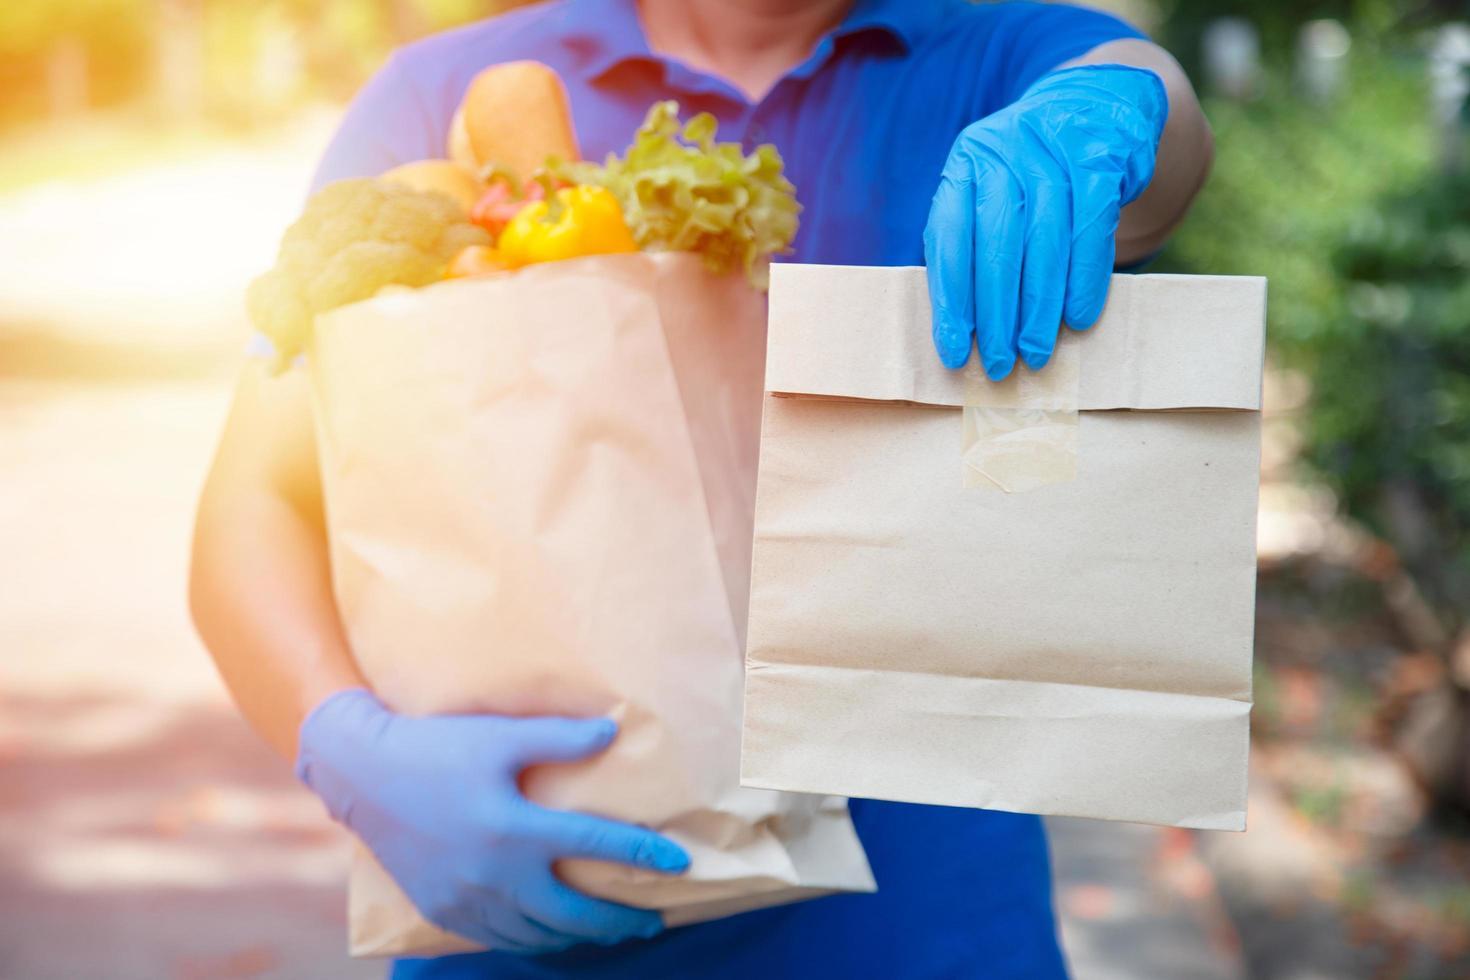 fornitori di servizi di ristorazione che indossano maschere e guanti. stare a casa riduce la diffusione del virus covid-19 foto